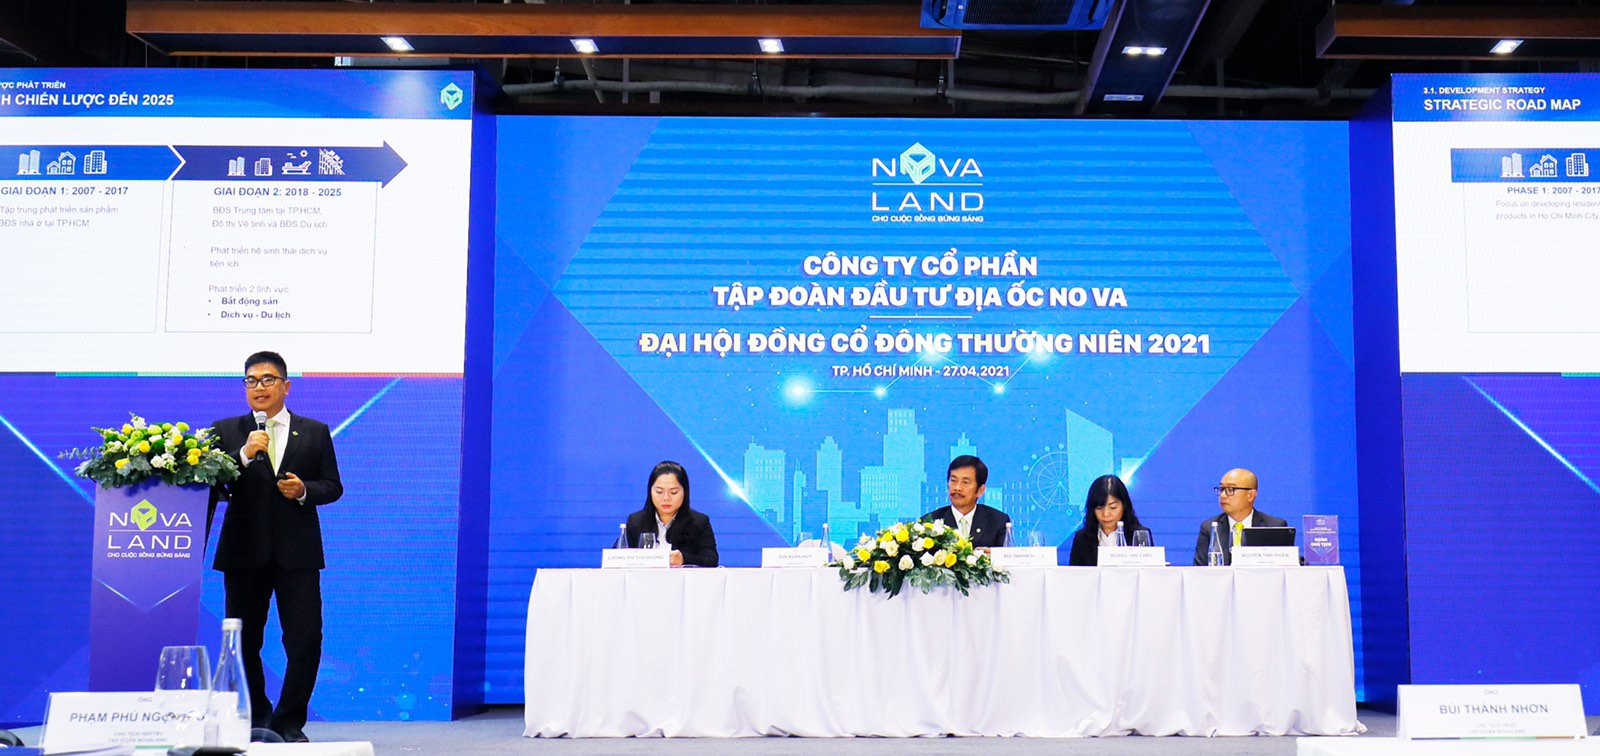 [LIVE] ĐHĐCĐ Novaland: Khởi động chiến lược phát triển BĐS công nghiệp từ 2021, bổ sung quỹ đất 10.000 ha - Ảnh 1.